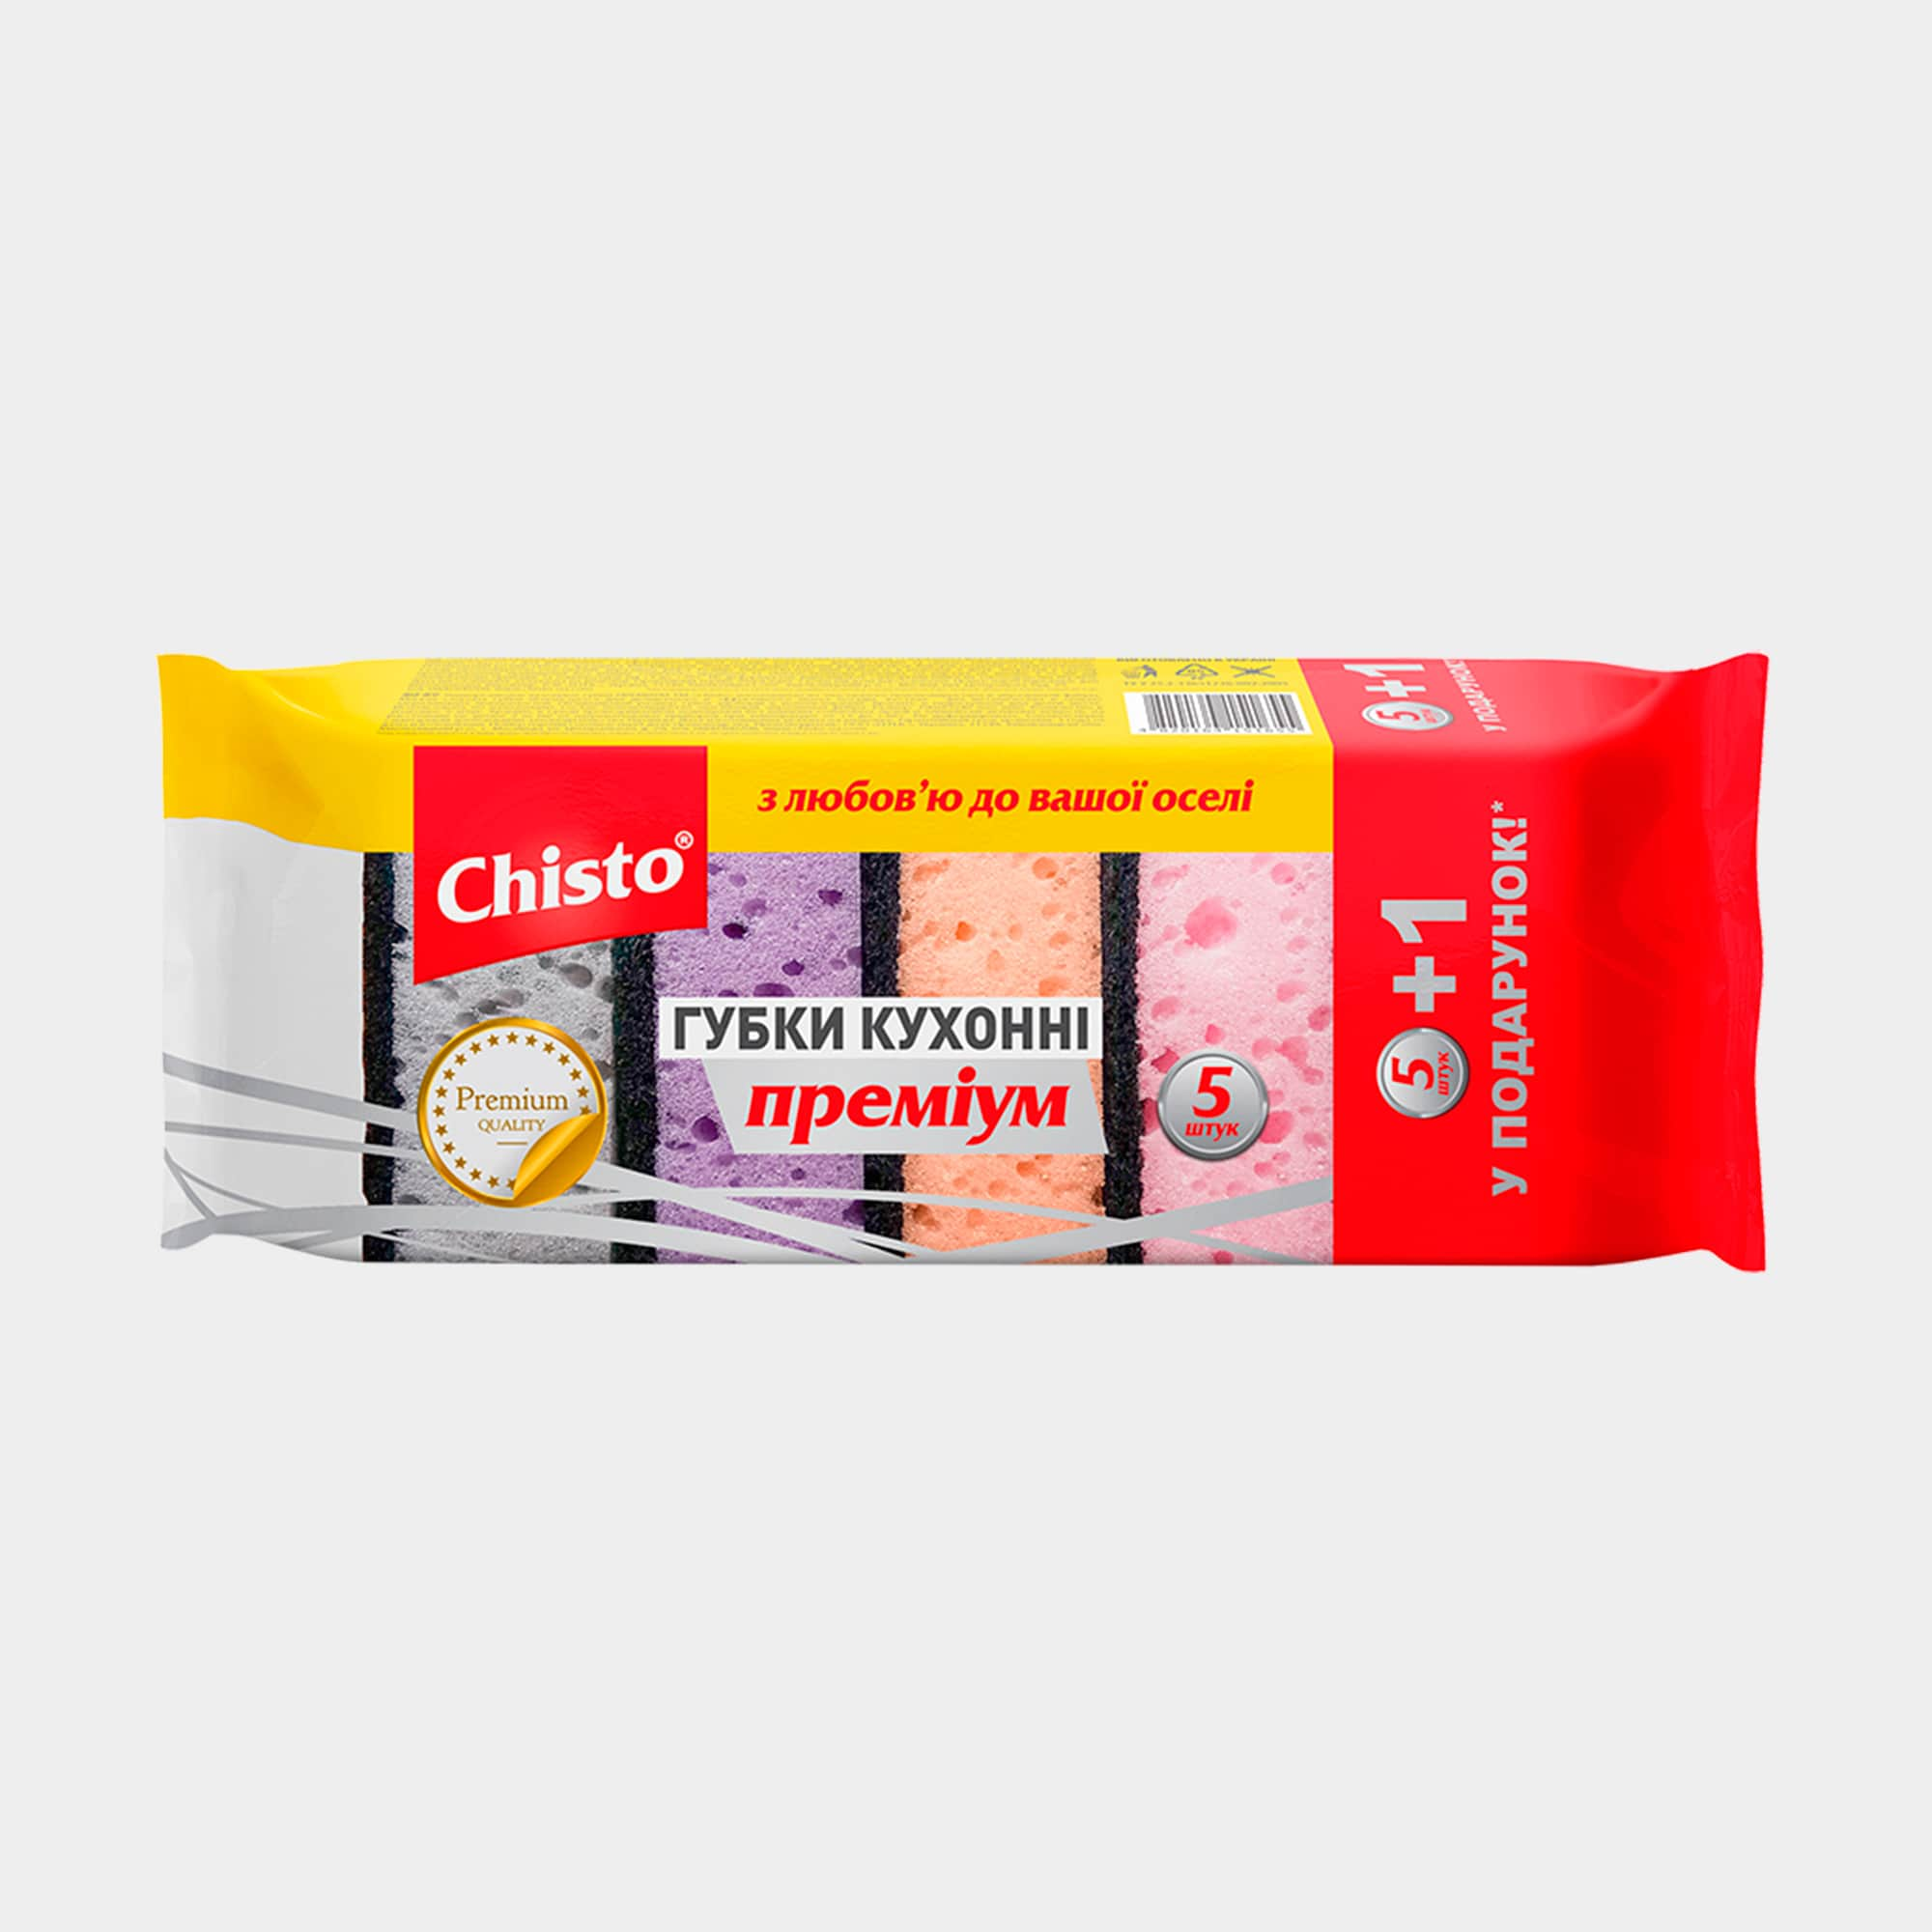 Губки кухонні преміум ТМ «Chisto», 5+1 шт.